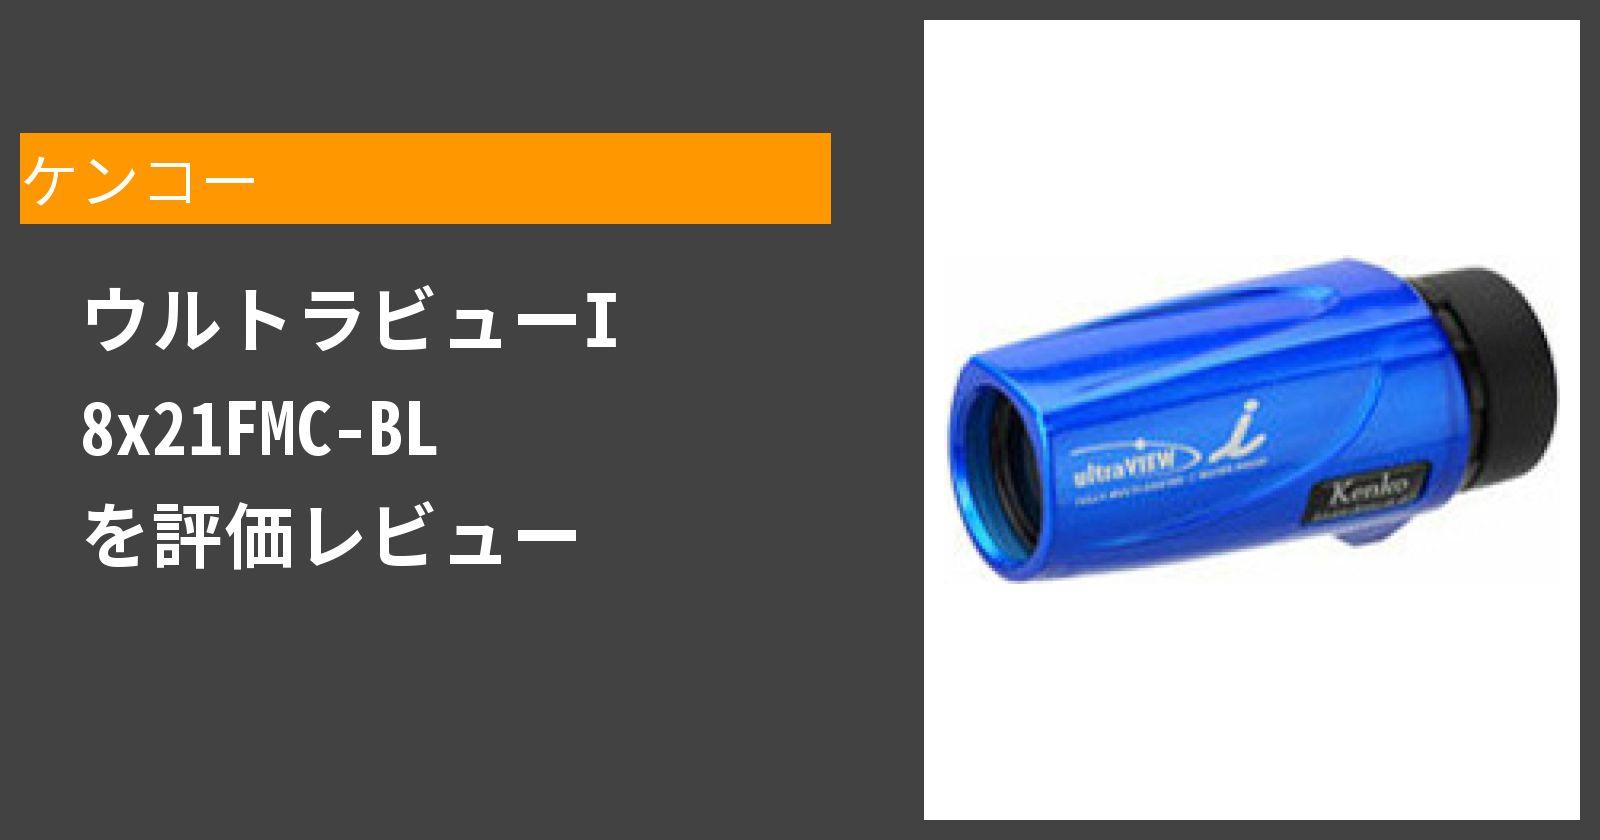 ウルトラビューI 8x21FMC-BLを徹底評価